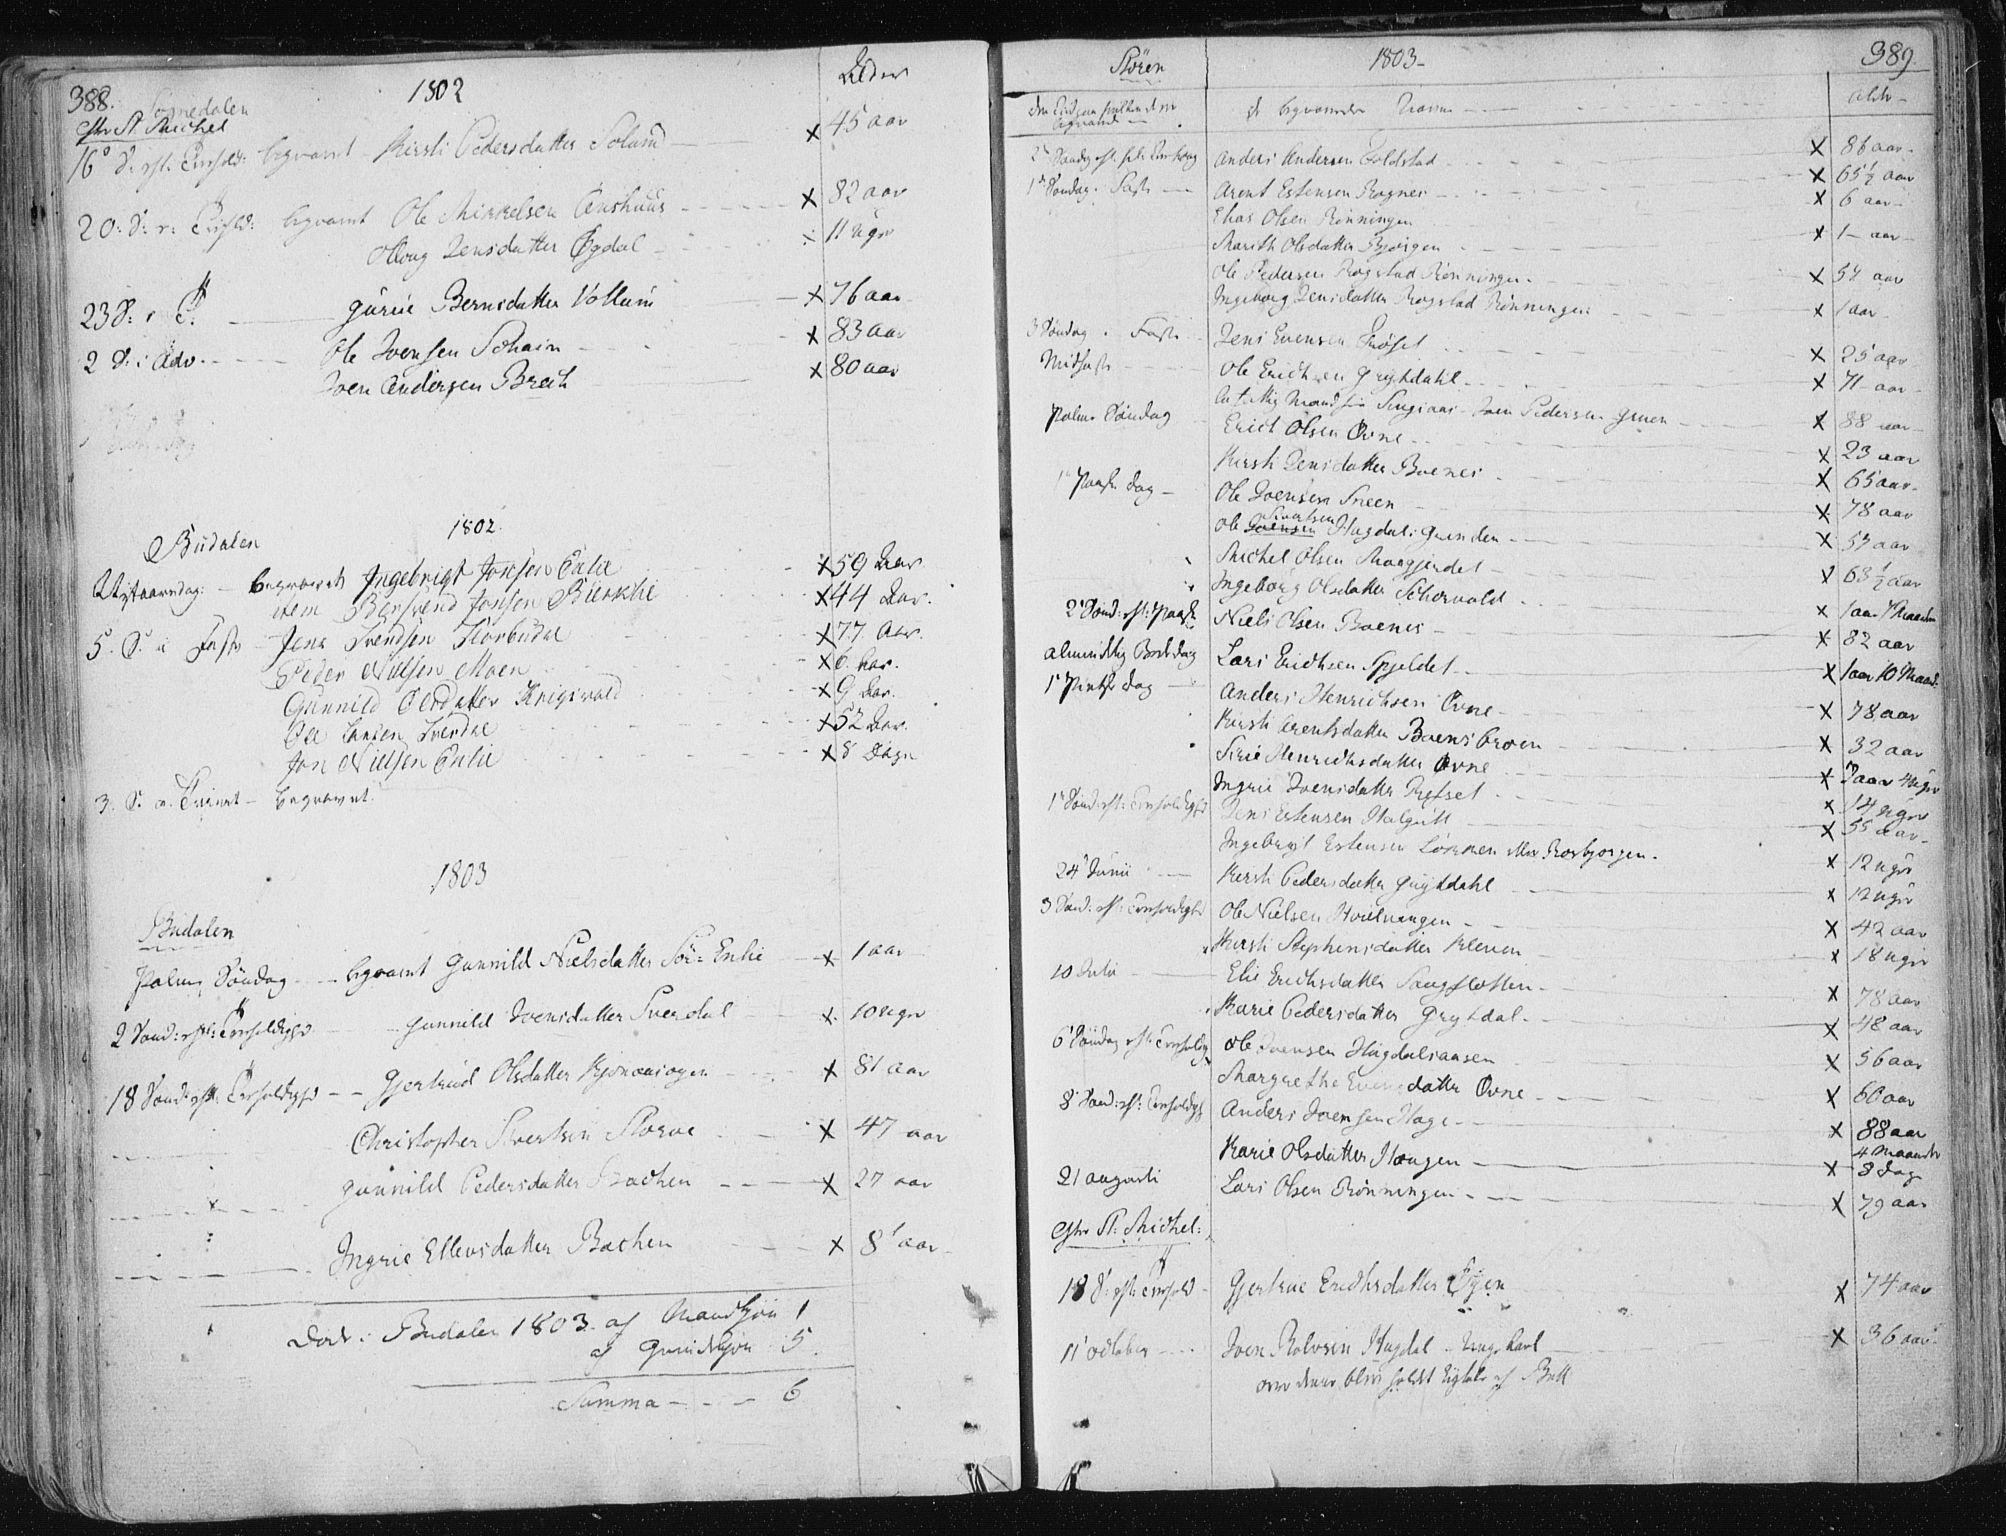 SAT, Ministerialprotokoller, klokkerbøker og fødselsregistre - Sør-Trøndelag, 687/L0992: Ministerialbok nr. 687A03 /1, 1788-1815, s. 388-389